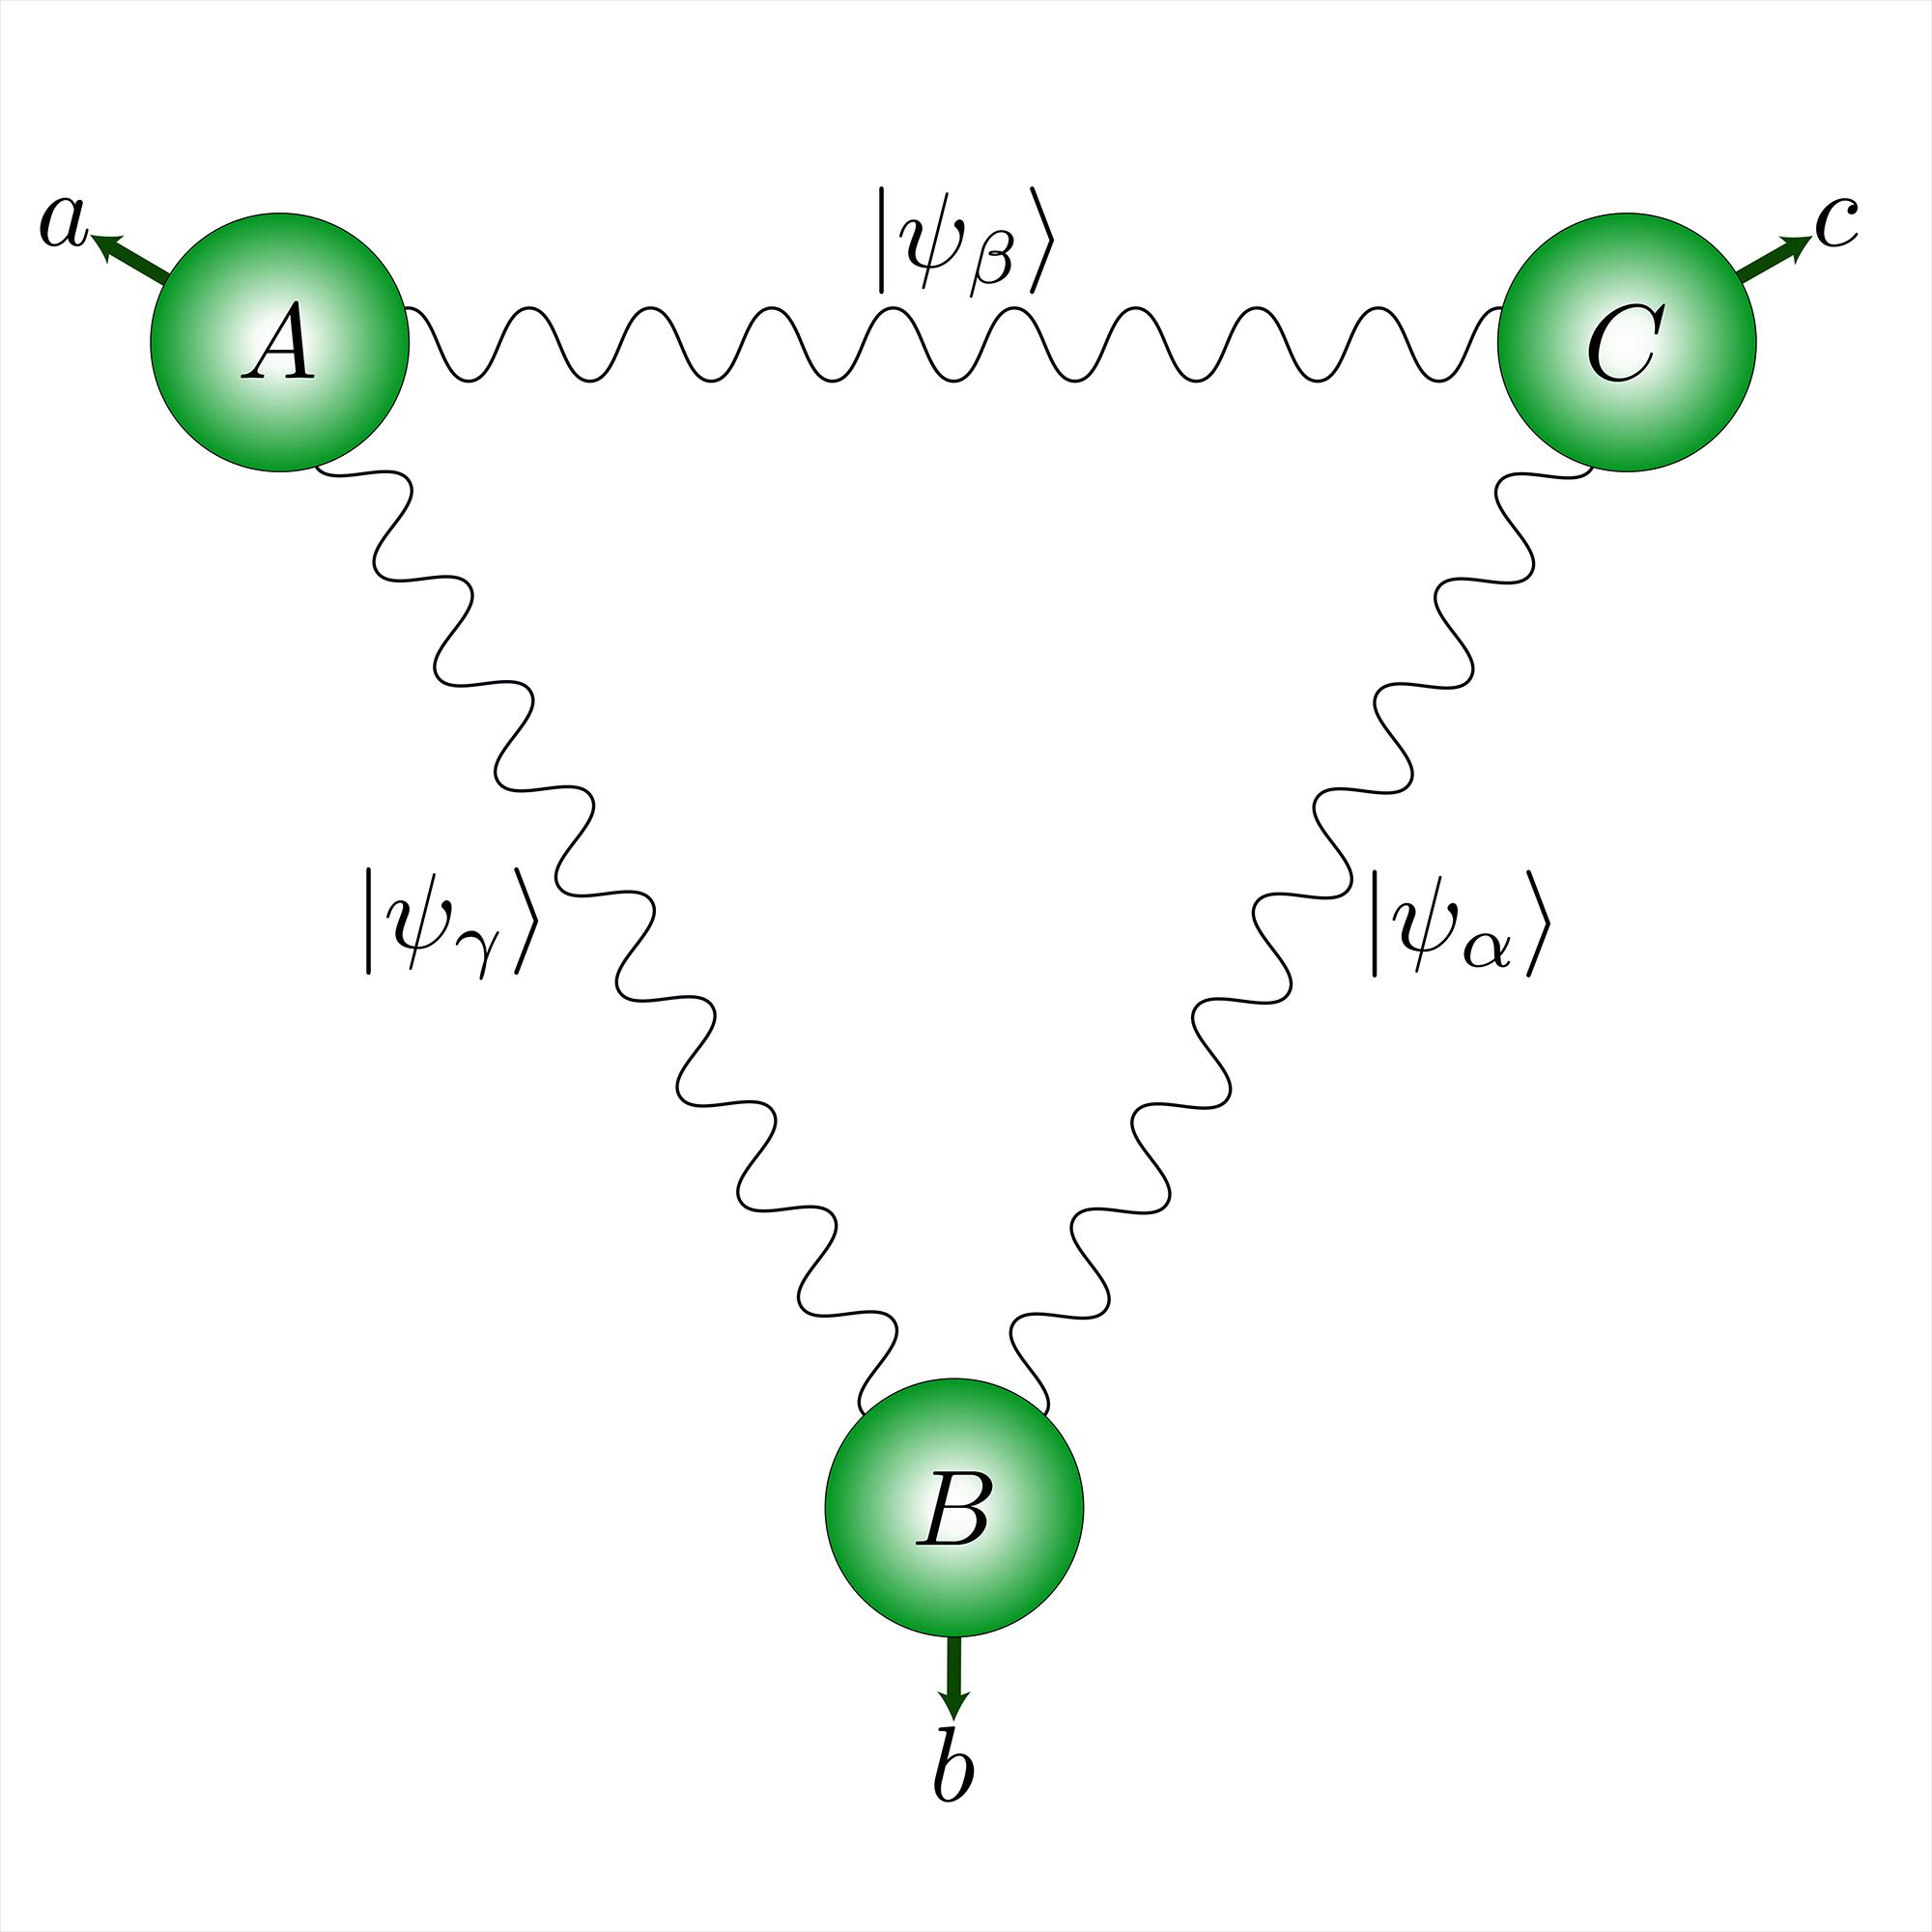 Una red cuántica con una estructura triangular permite un tipo fundamentalmente nuevo de correlaciones cuánticas. © UNIGE